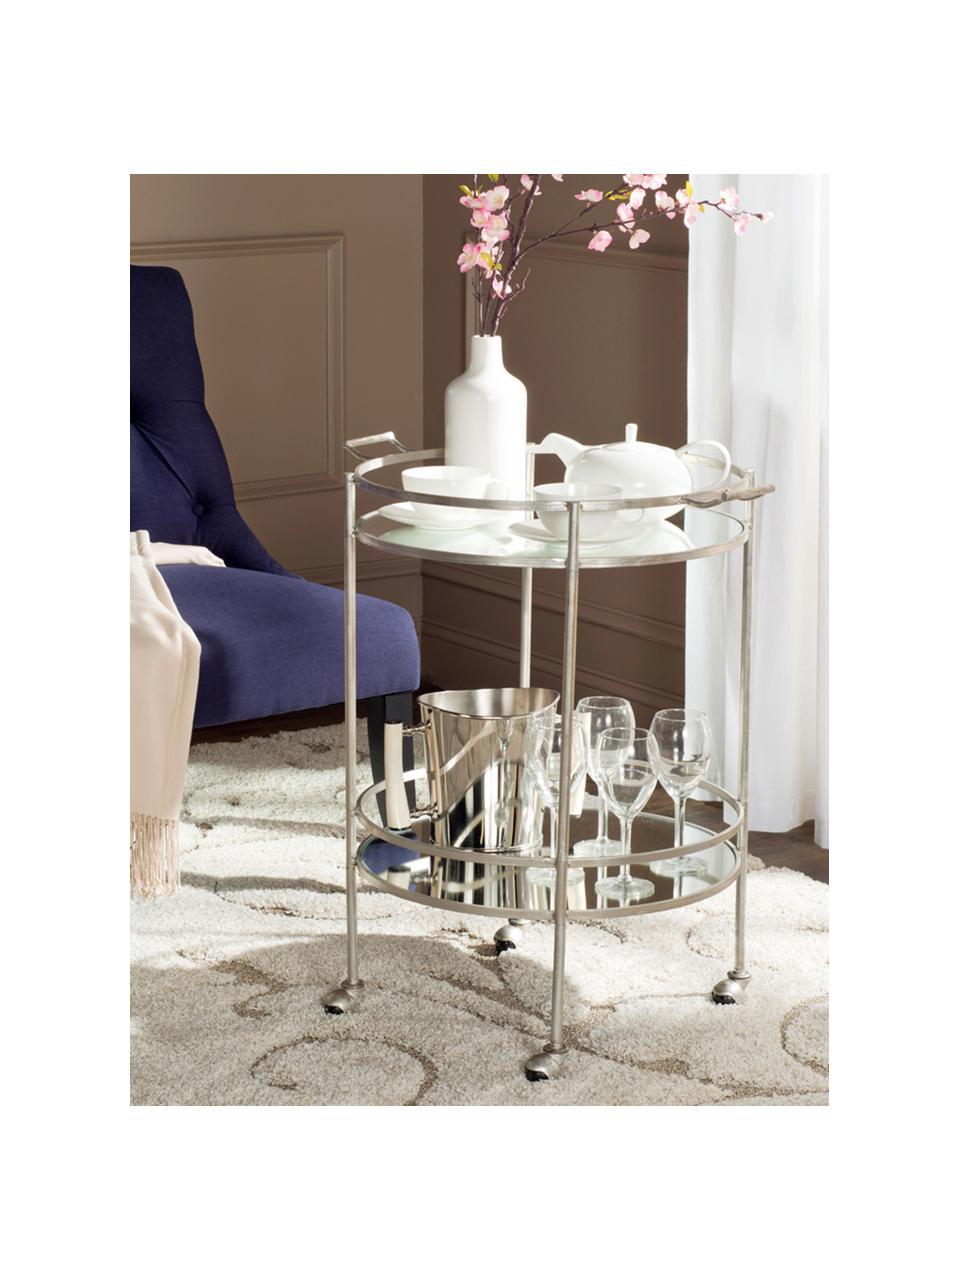 Wózek barowy z metalu  Harper, Żeliwo, szkło, Stelaż: metal blat: szkło lustrzane, 64 x 50 x 76 cm